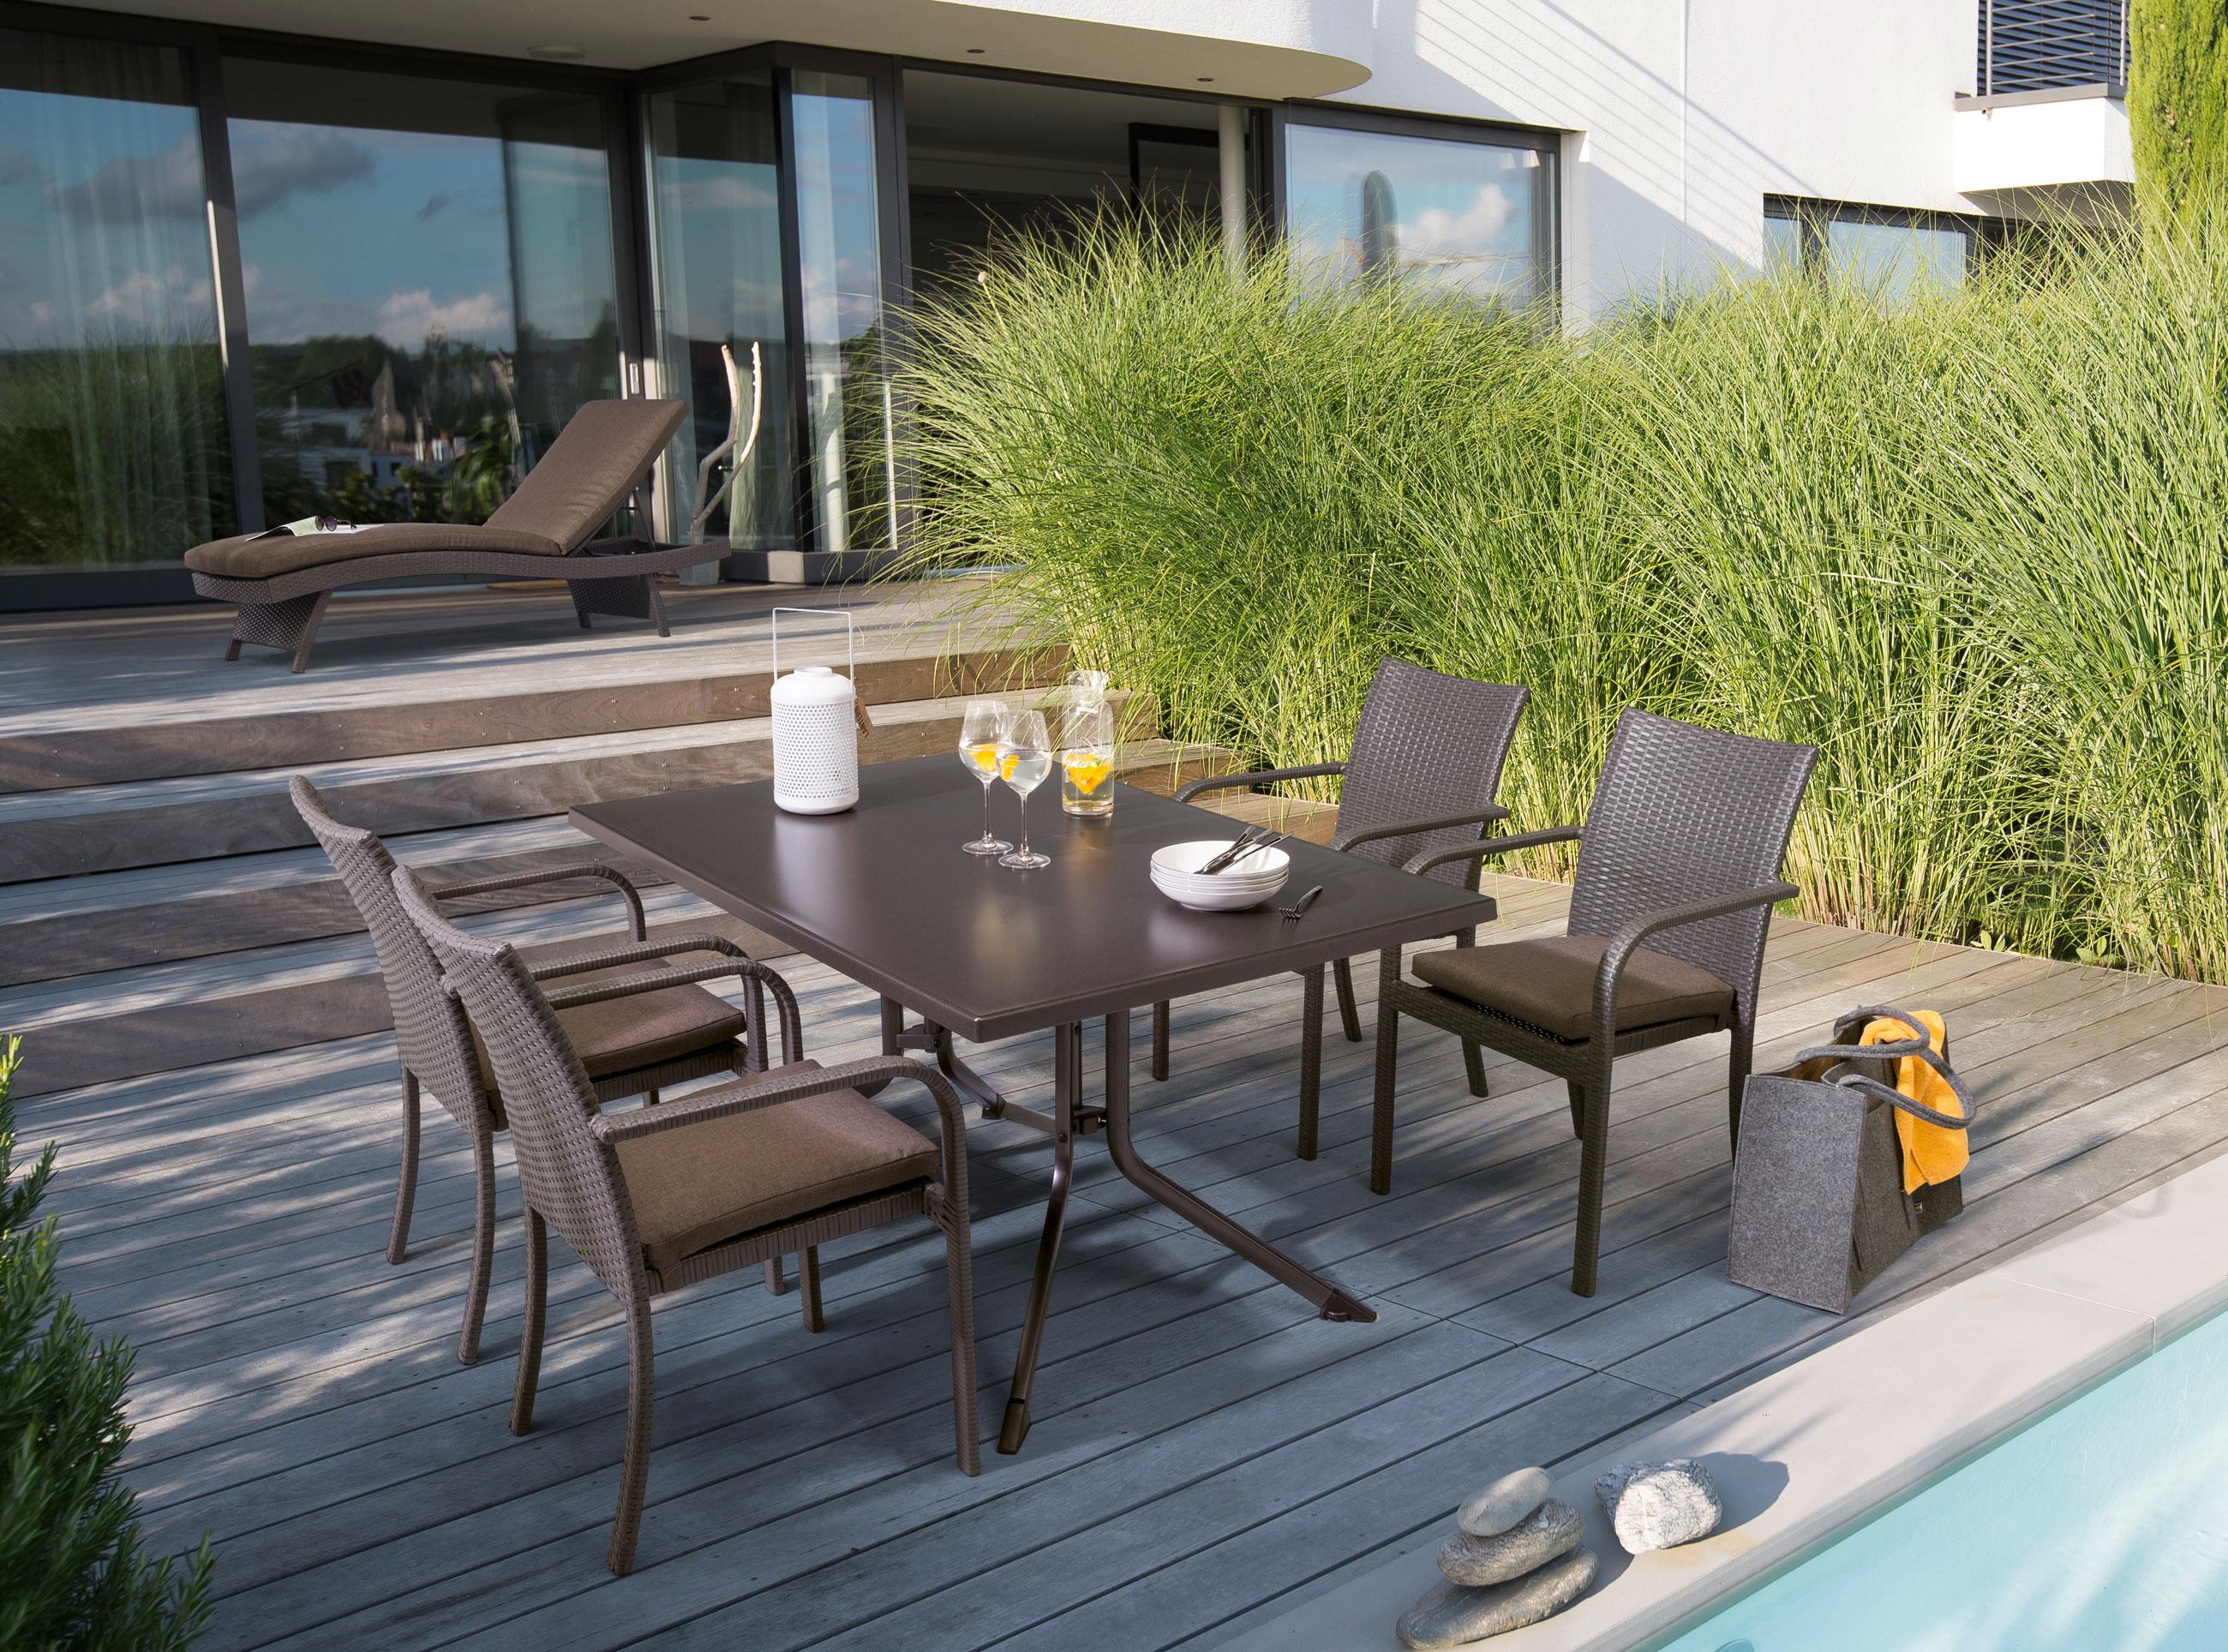 kettler gartenliege bistro 0311714 4610 klappbar polyrattan anthrazit bei. Black Bedroom Furniture Sets. Home Design Ideas